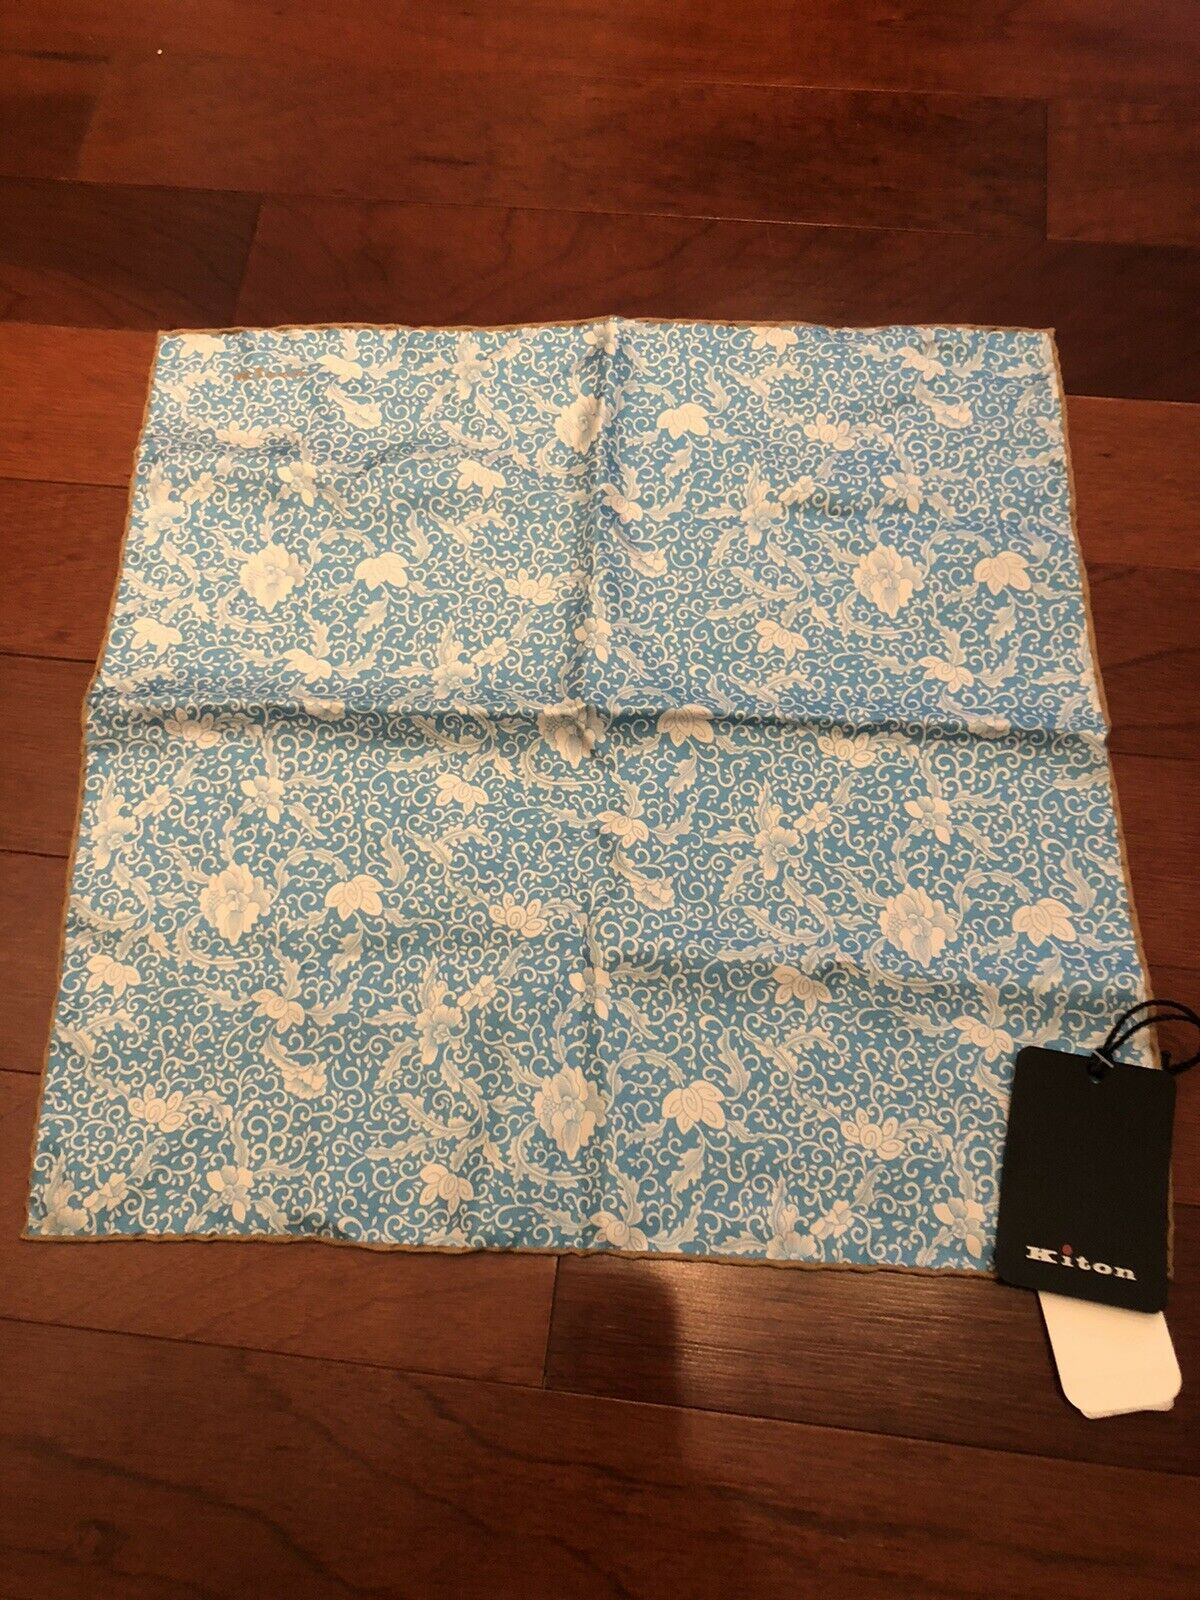 NWT Kiton Blue And White Floral Silk Pocketsqaure